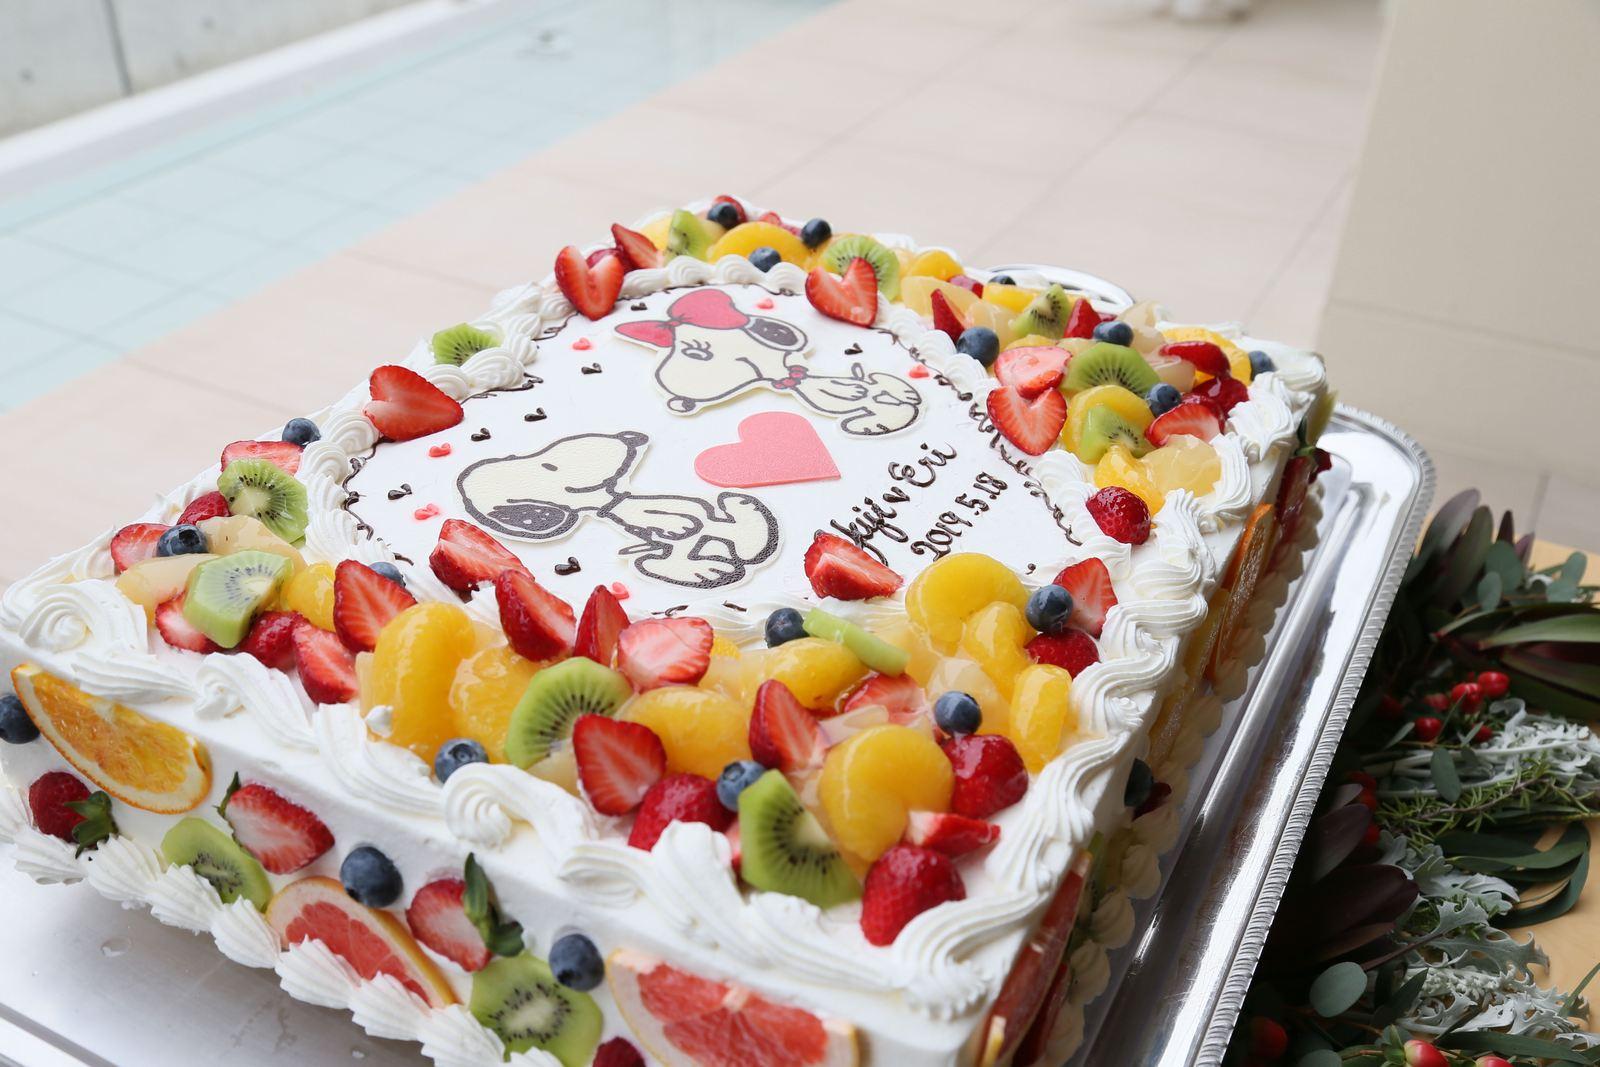 高松市の結婚式場アイルバレクラブのウェディングケーキ たくさんのフルーツとスヌーピーで飾り付けられたオリジナルケーキ